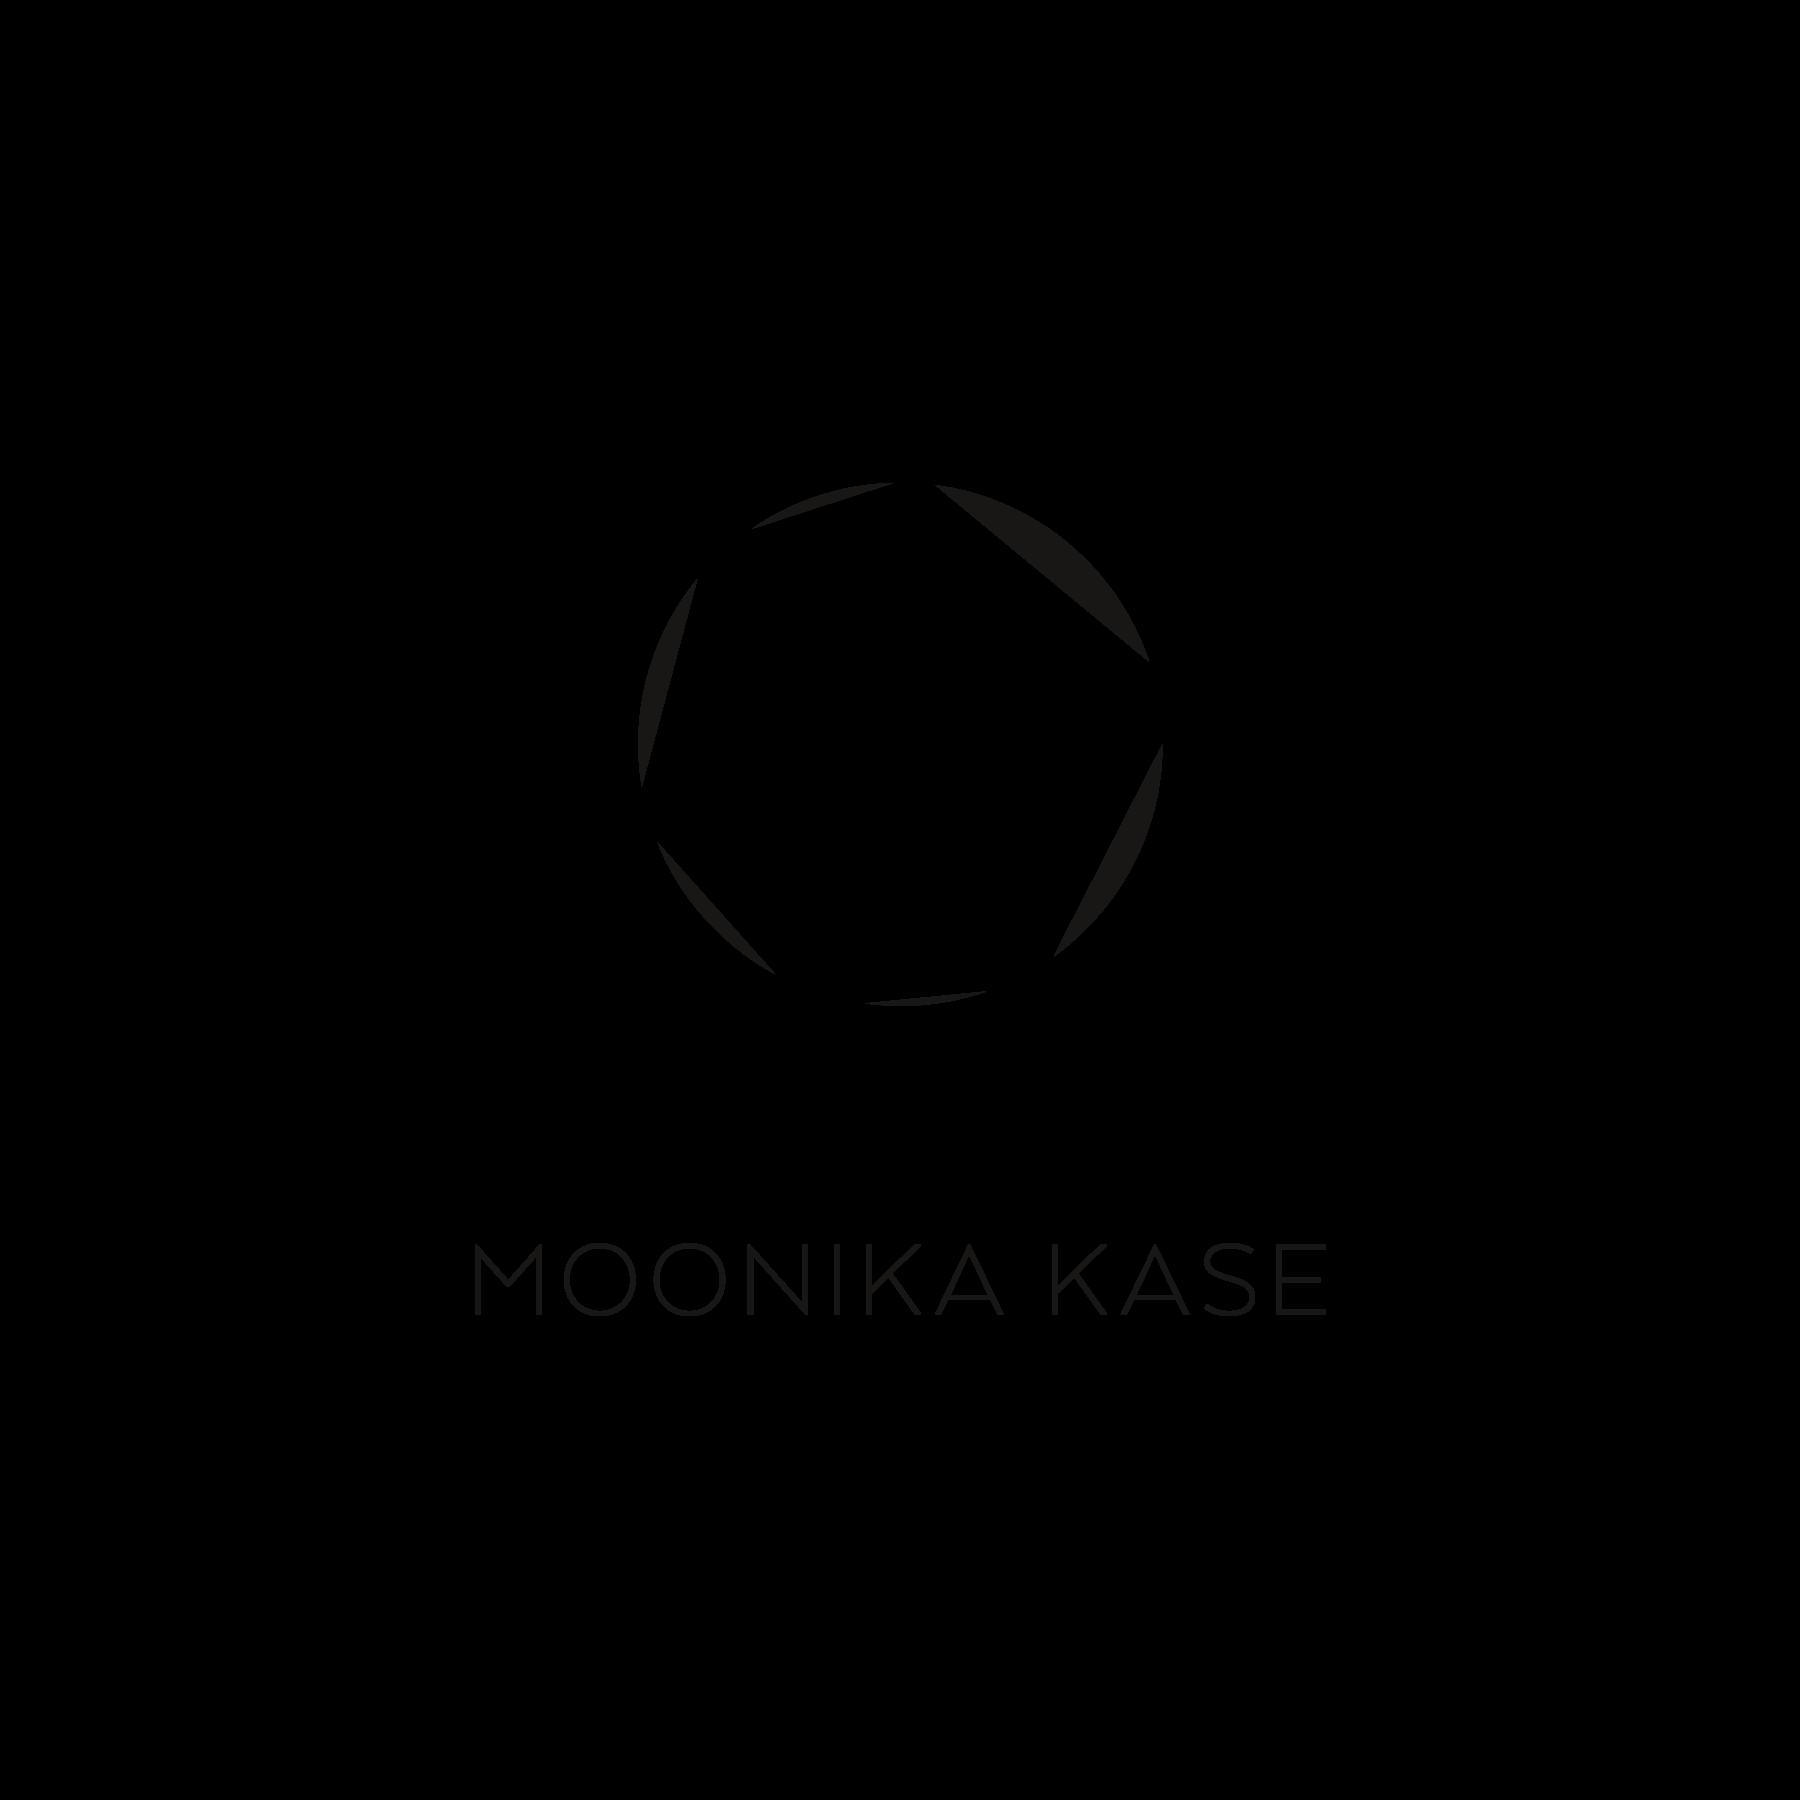 MoonikaKase_1800x1800px